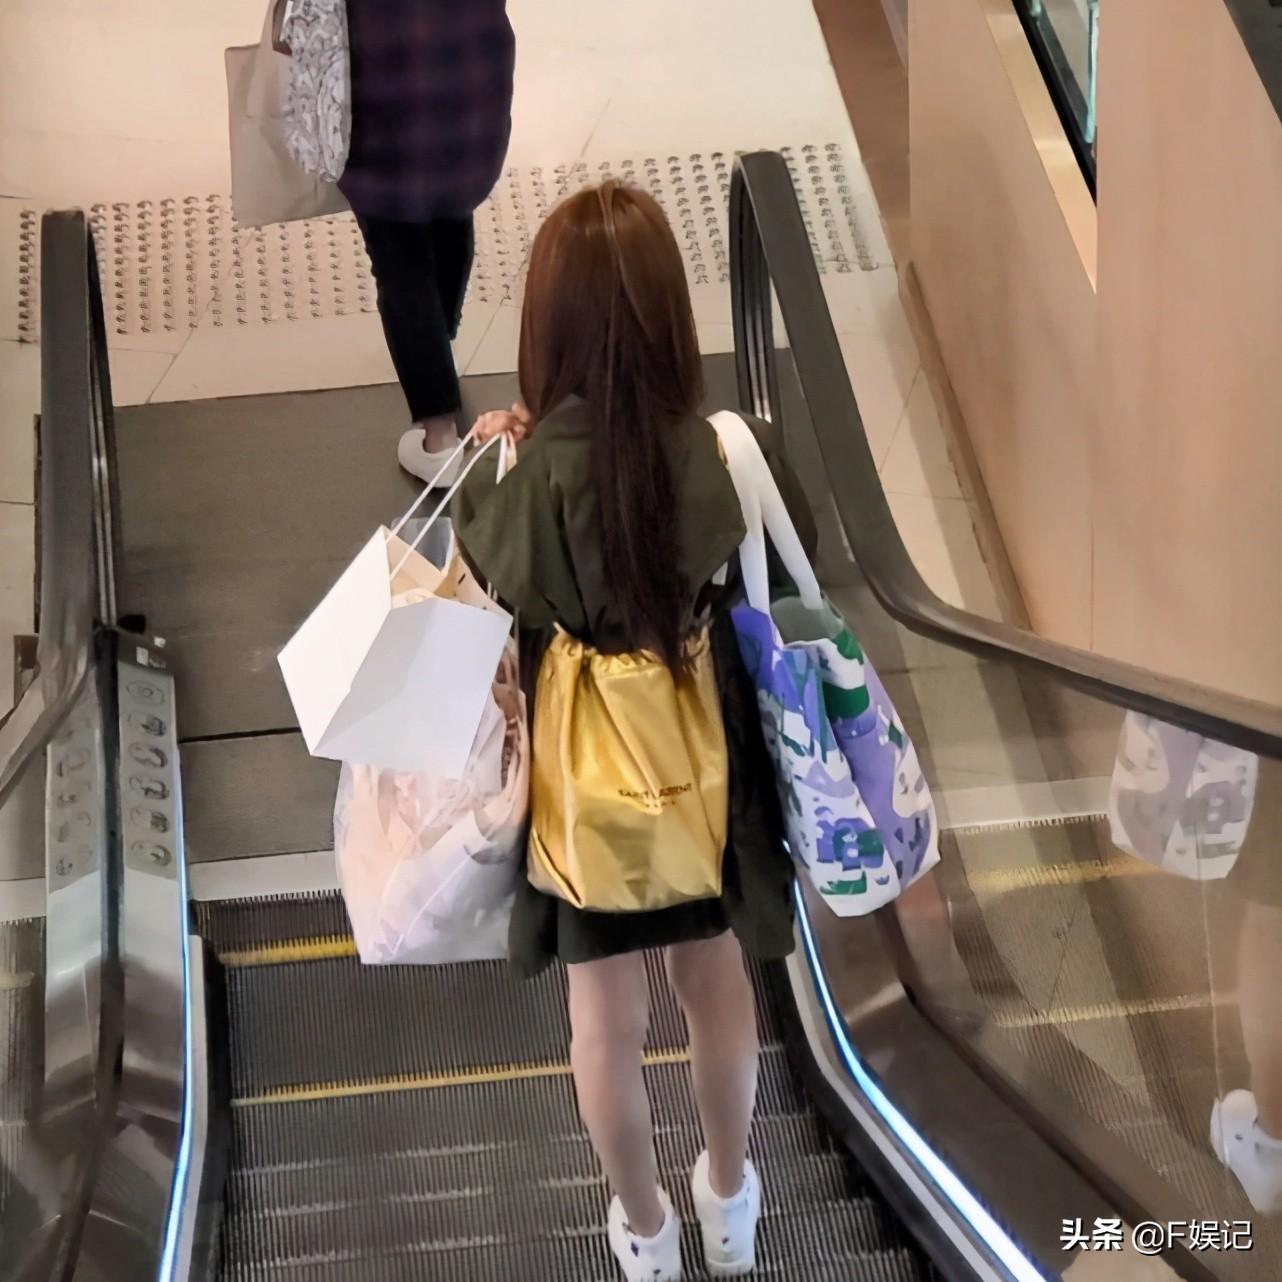 陳凱琳獨自拿幾大袋東西節儉搭電車回家還與老公鄭嘉穎暗暗撒狗糧